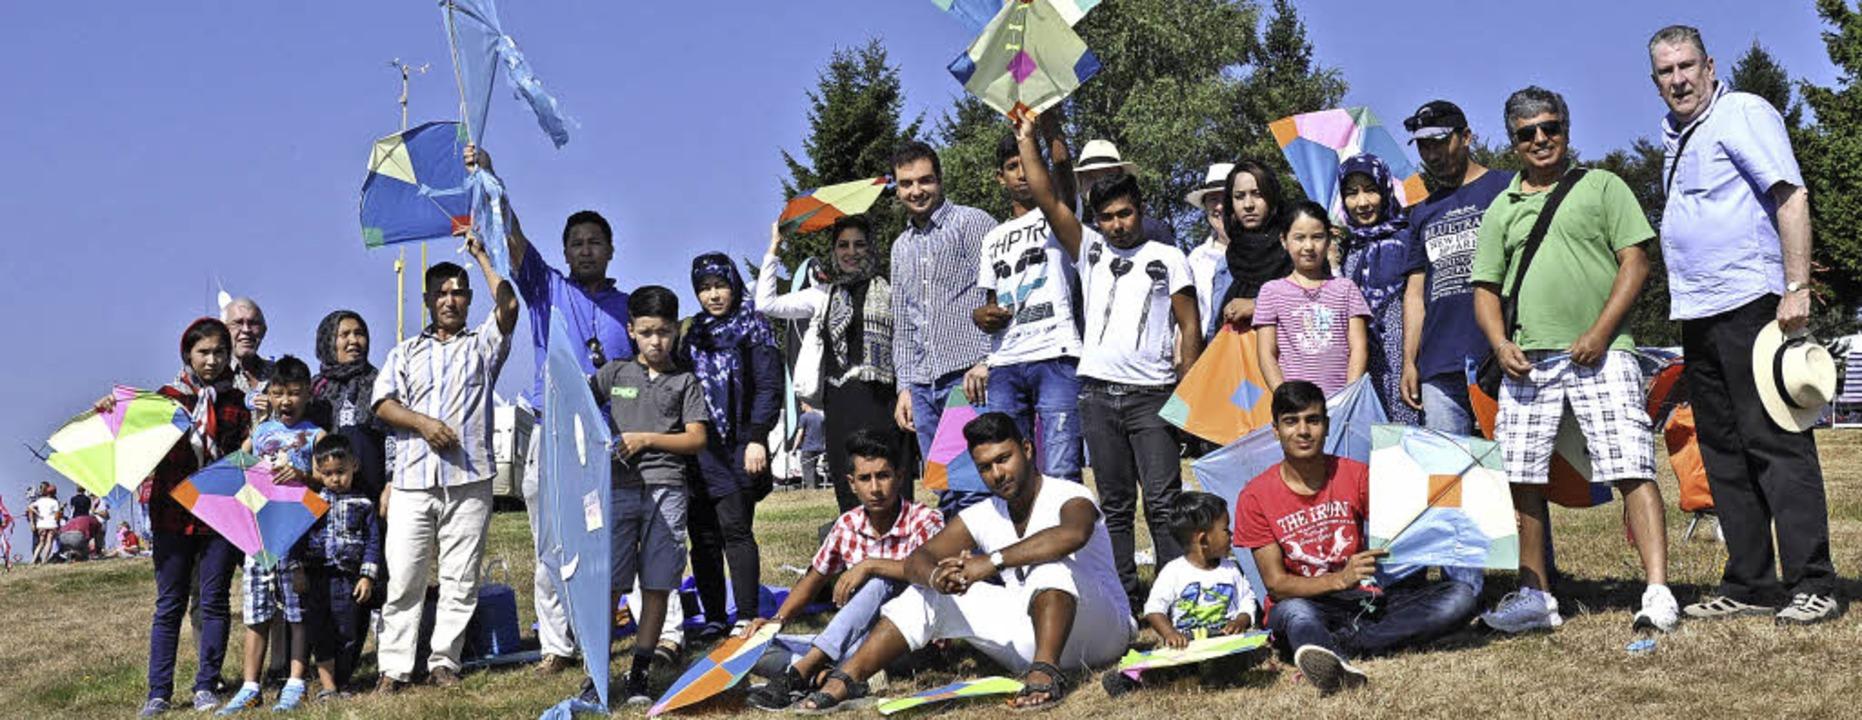 Flüchtlinge und Helfer des Vereins Ref...beim Familientag in Hütten mit dabei.   | Foto: Bernhard Egger